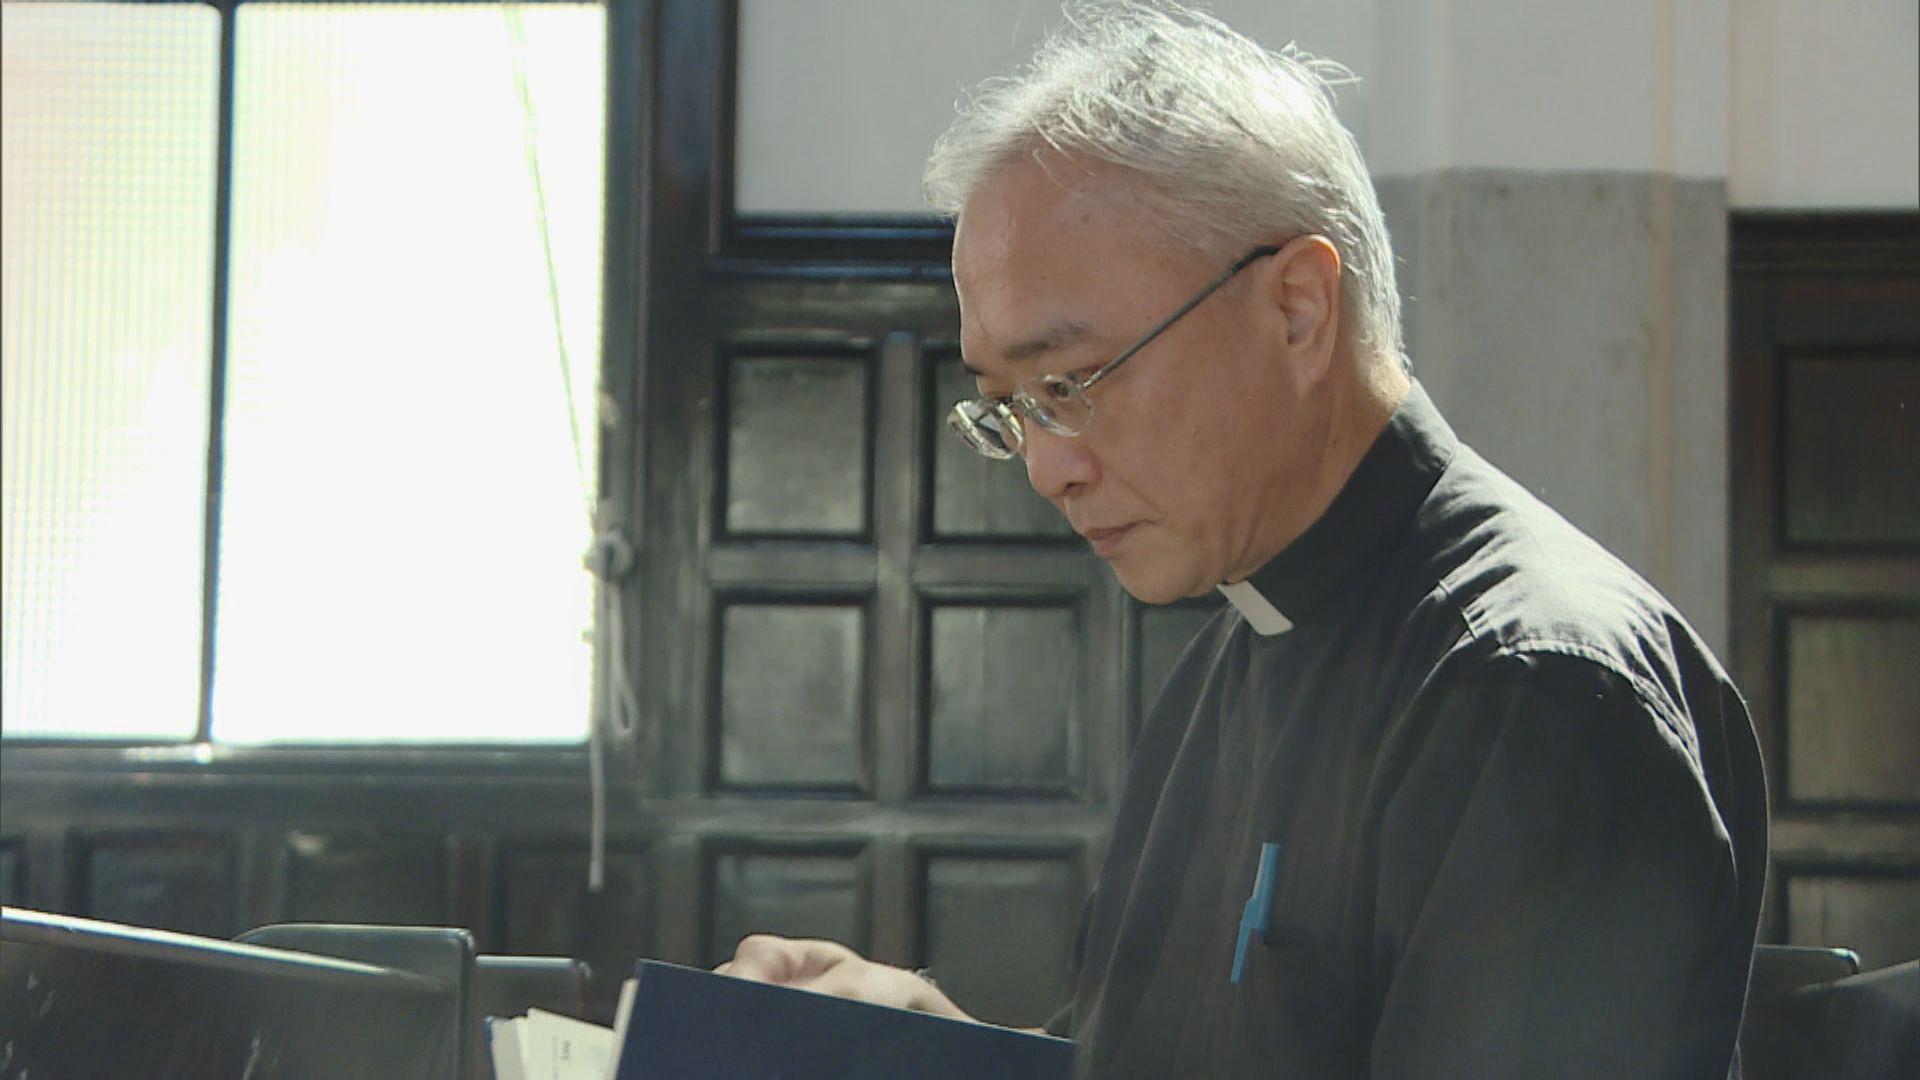 台灣教會牧師:七月至十月中有百多名香港示威者暫避台灣